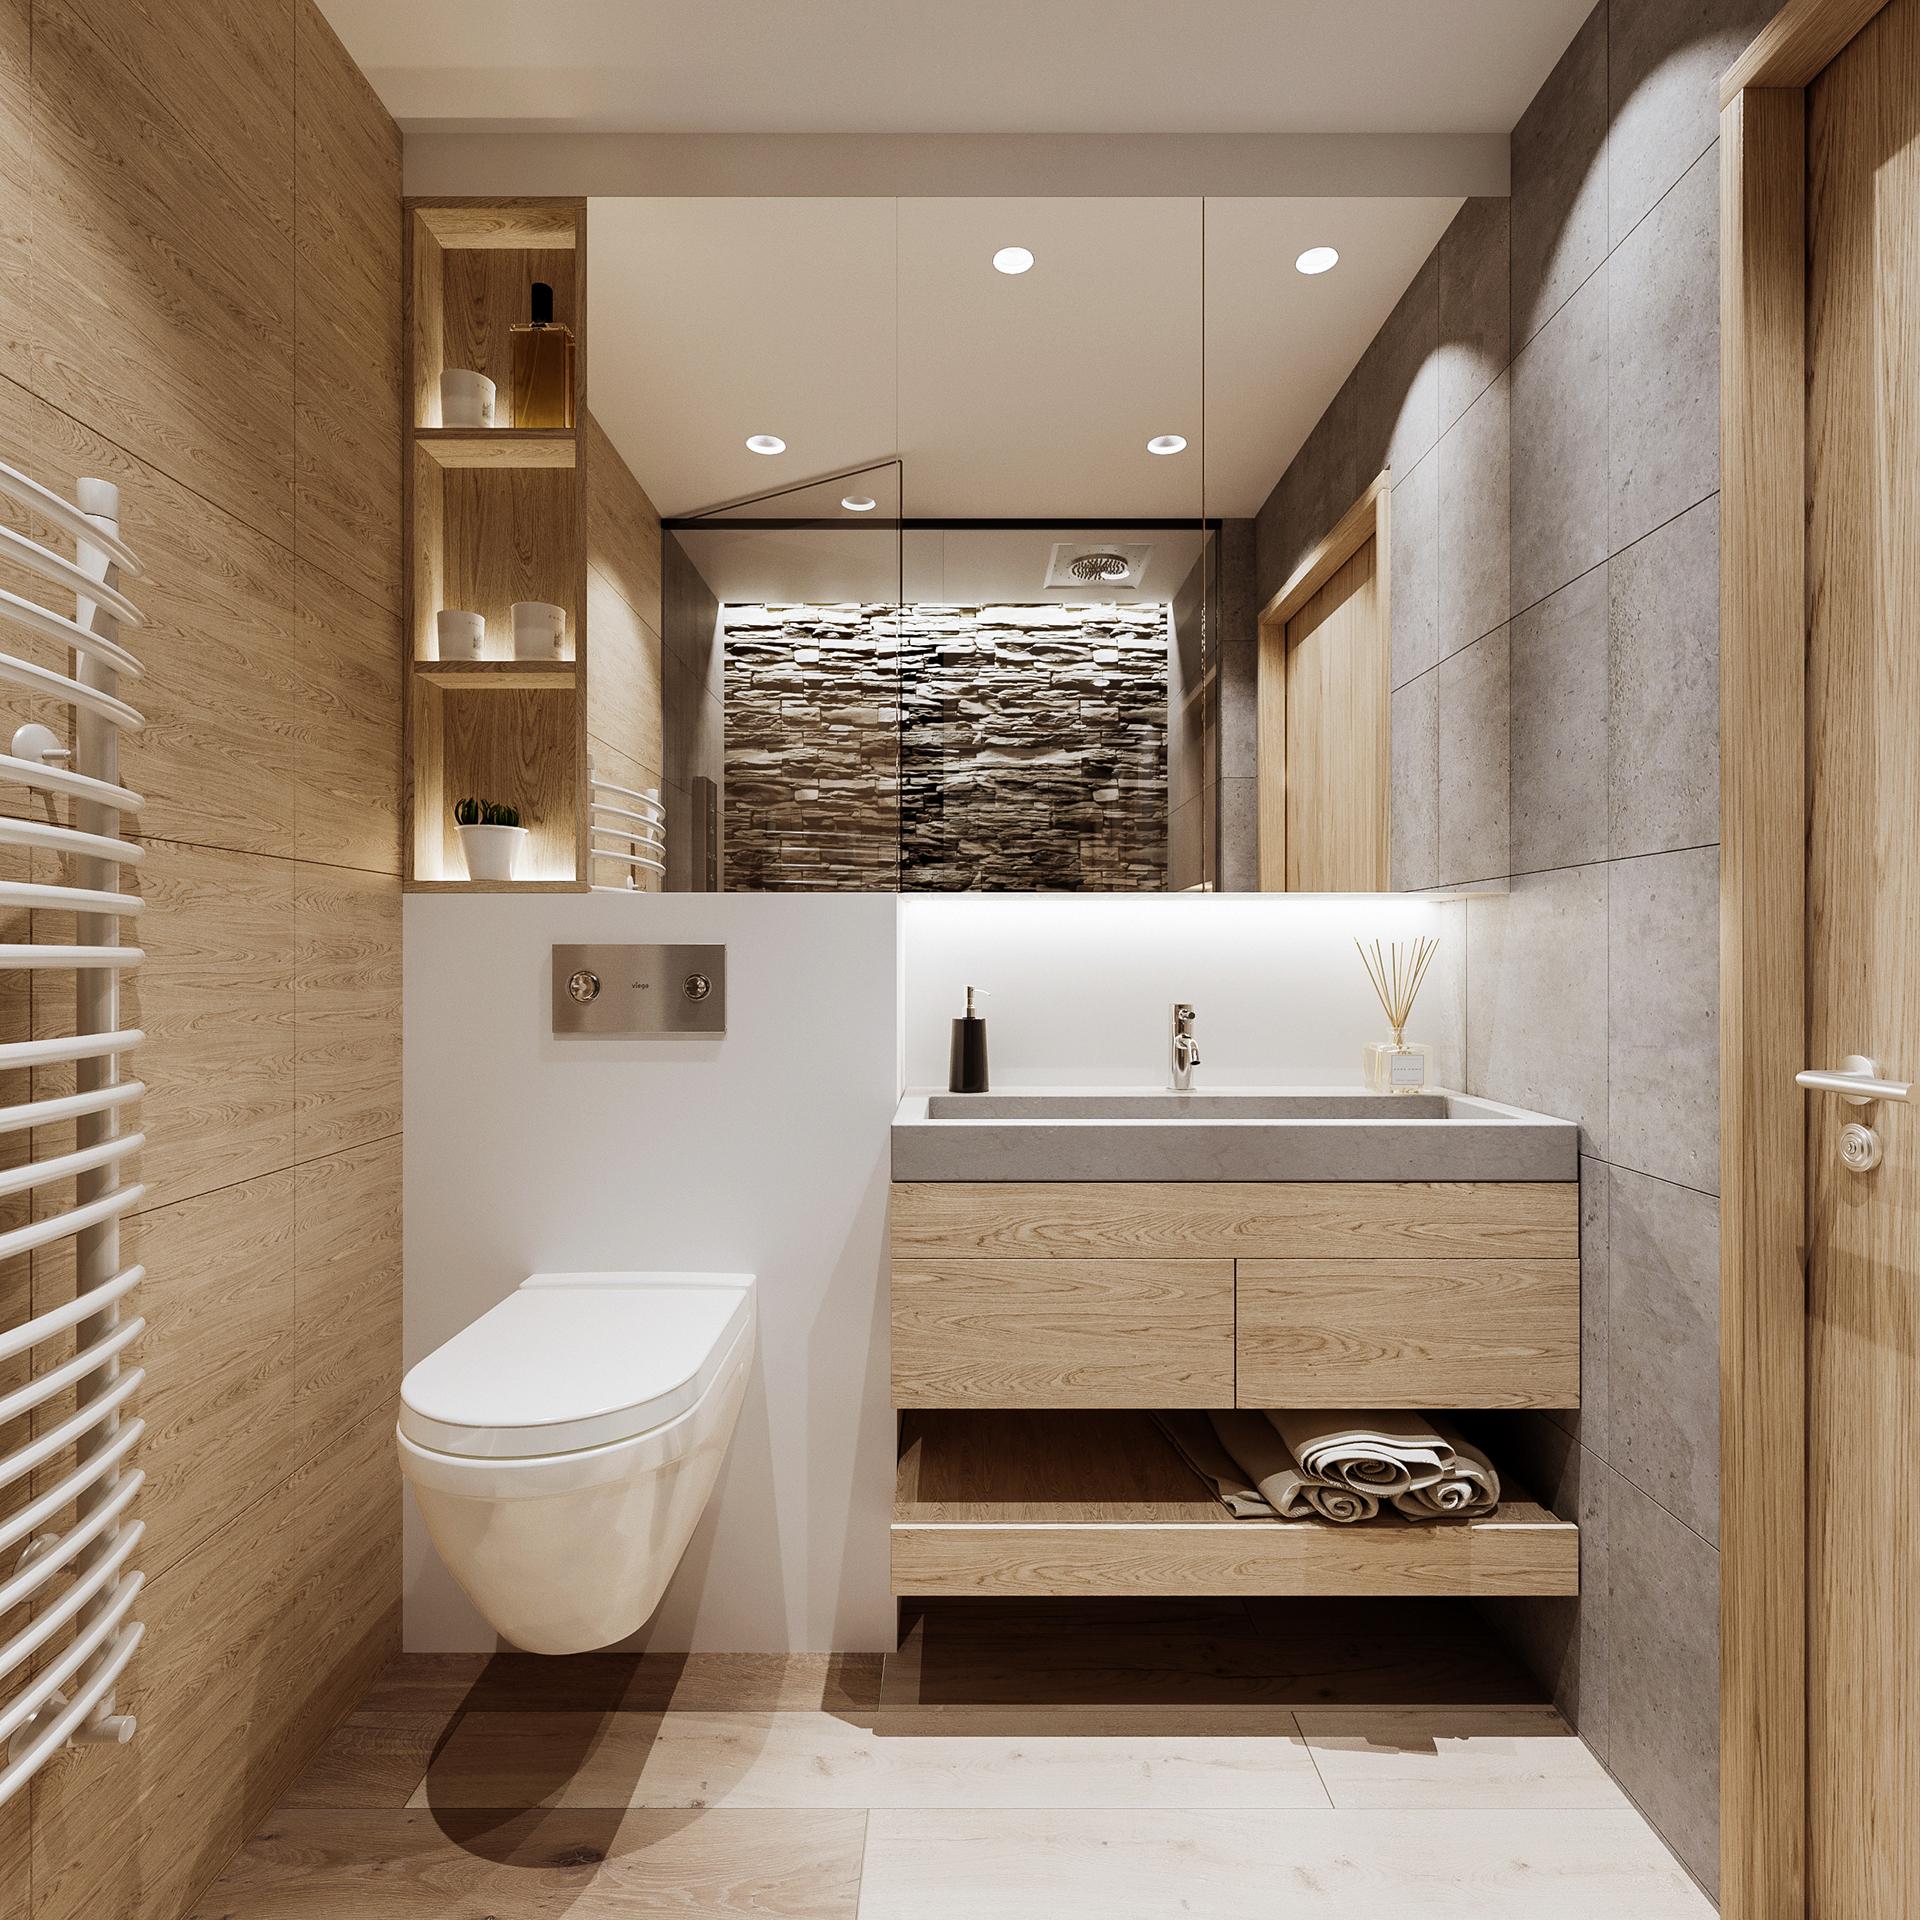 Come arredare un bagno piccolo 7 segreti dell architetto per farlo al top for Arredare piccolo bagno